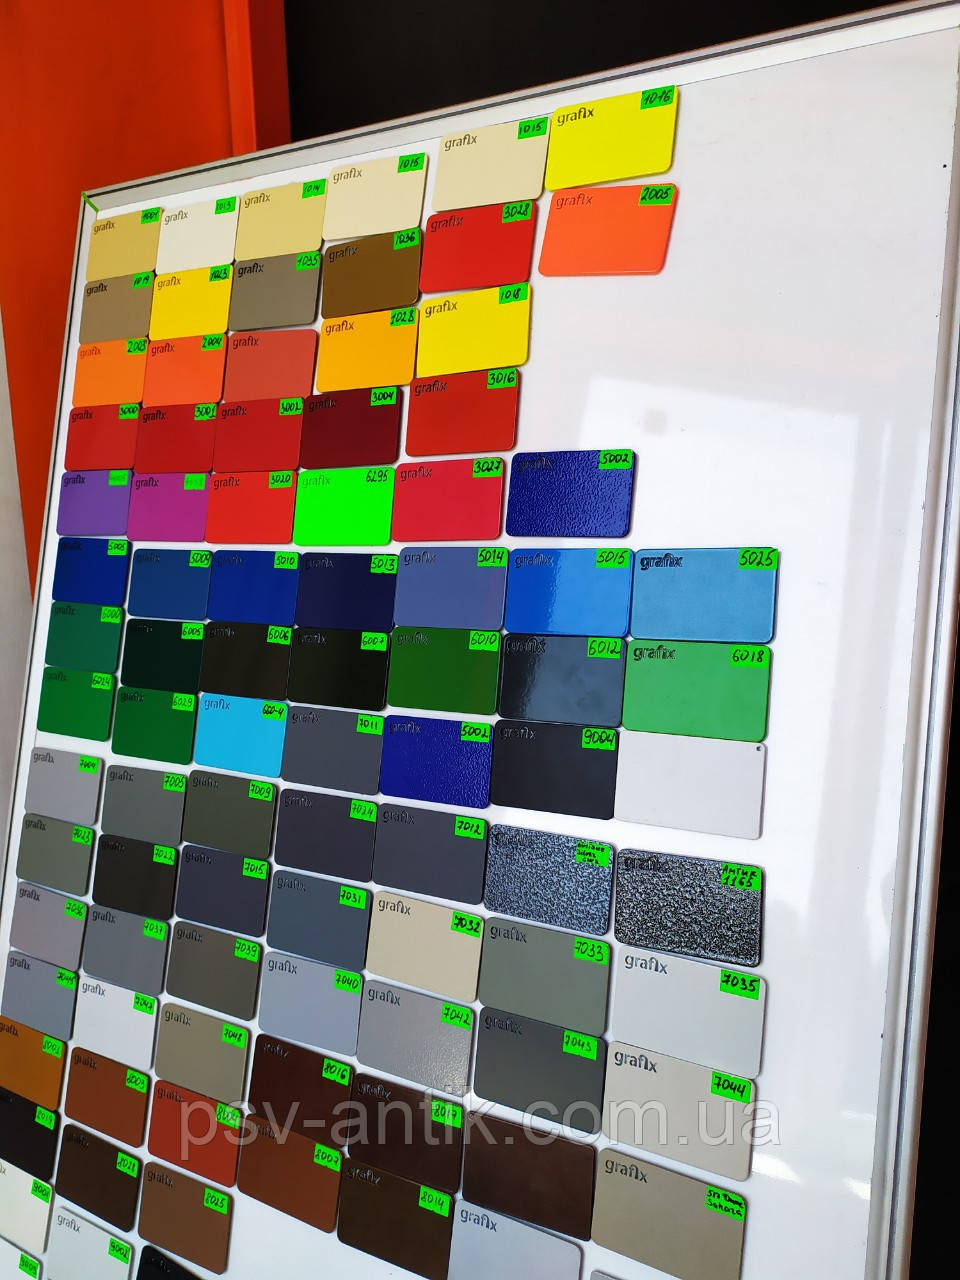 Порошковая краска структурная, полиэфирная, архитектурная, 507